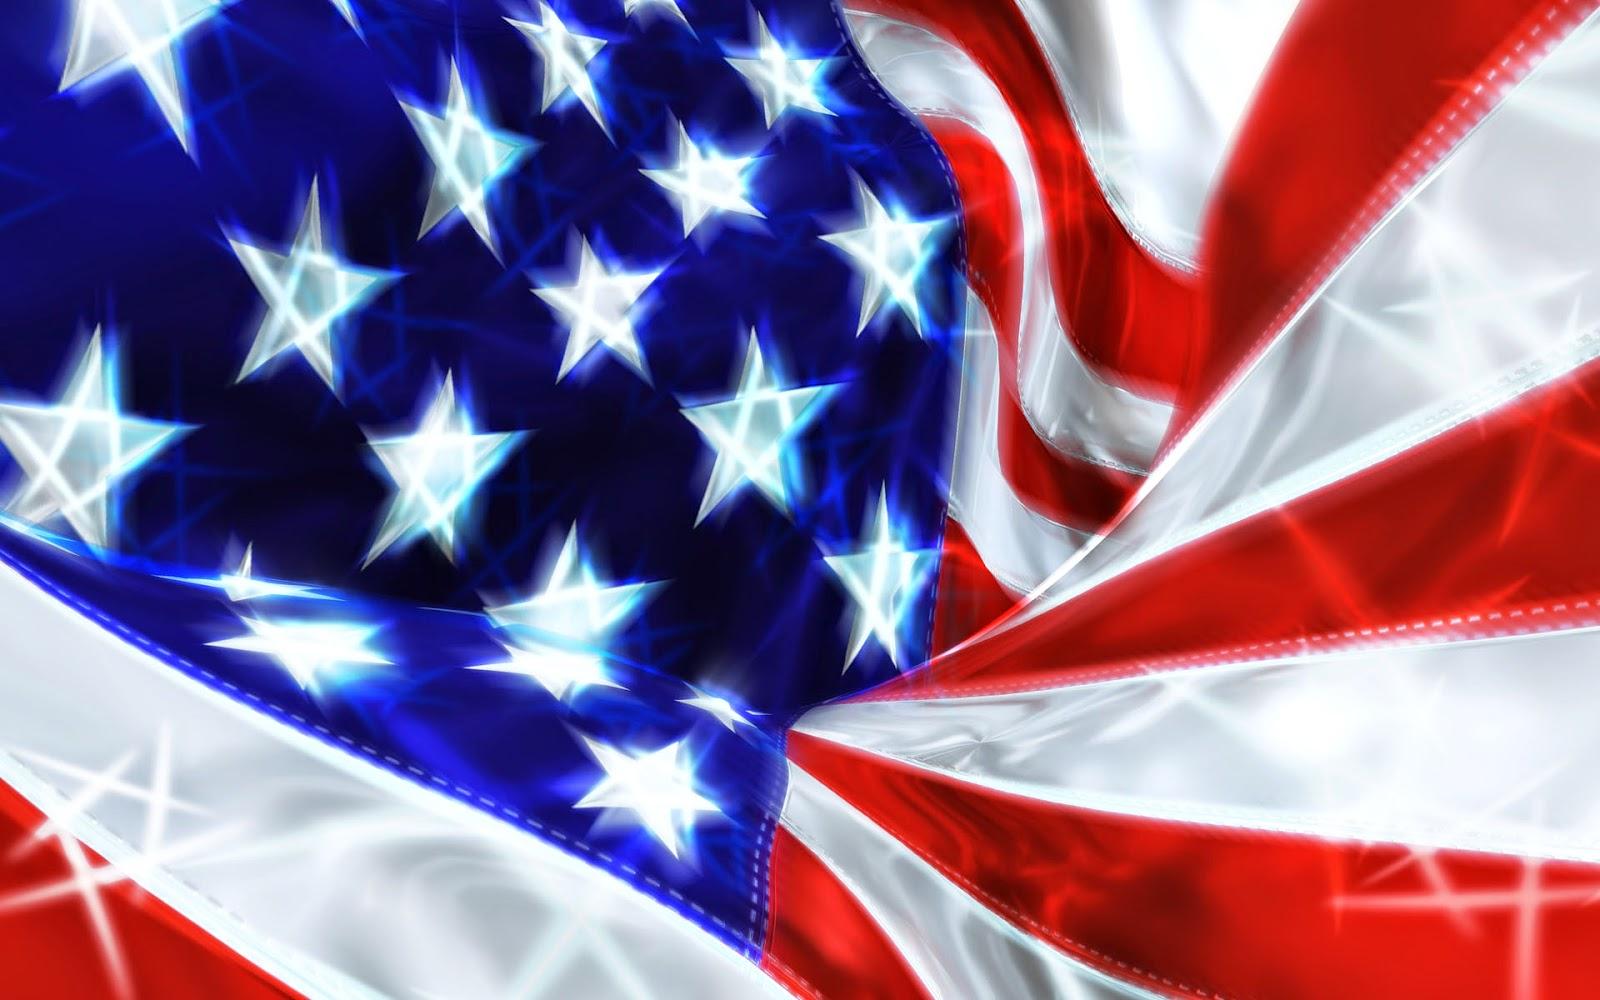 Bandera De Estados Unidos Con Estrellas Fondos De Pantalla Hd